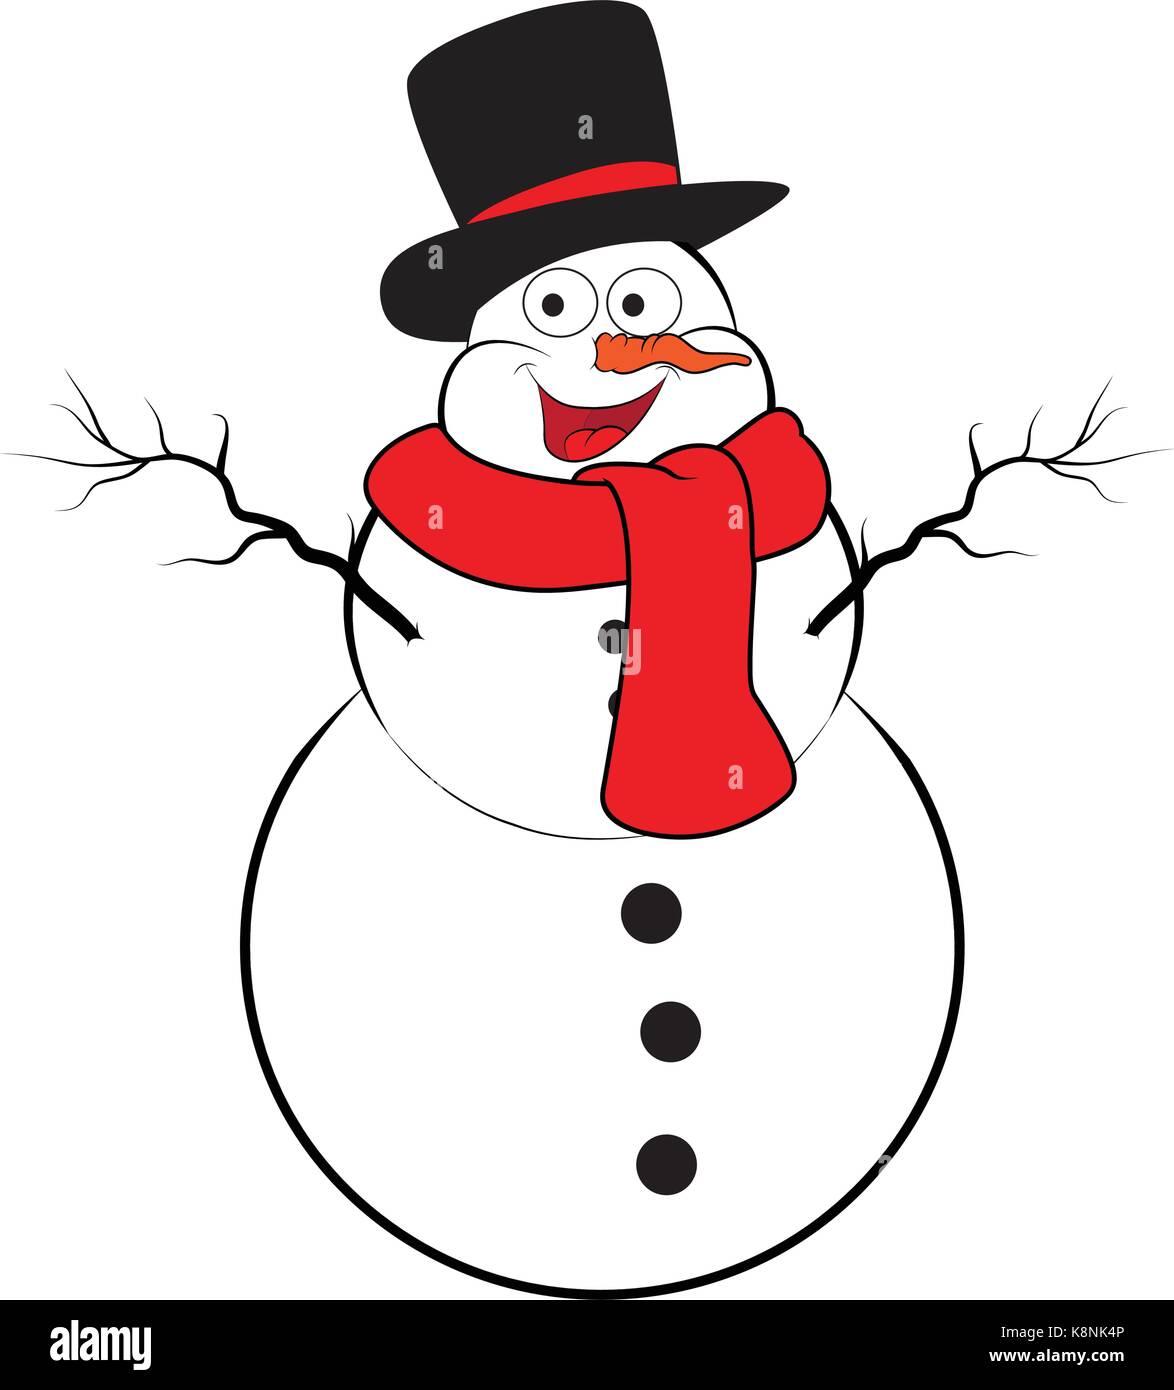 El Muñeco De Nieve De Navidad Diseño De Dibujos Animados Para La